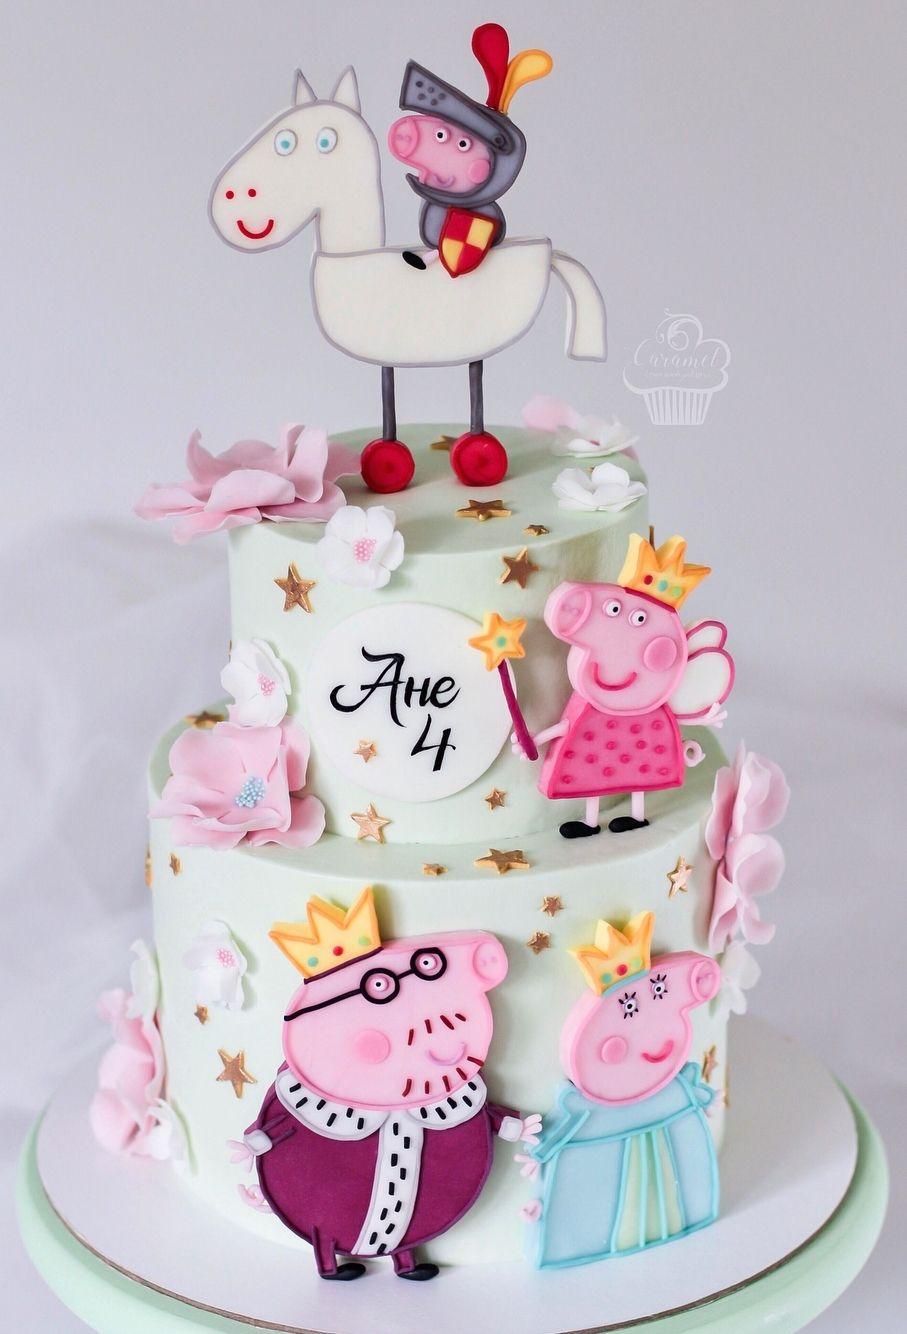 Pin Von Natalija Kregelin Auf Madchen Torte Kuchen Kindergeburtstag Fondant Kuchen Kindergeburtstag Kindertorte